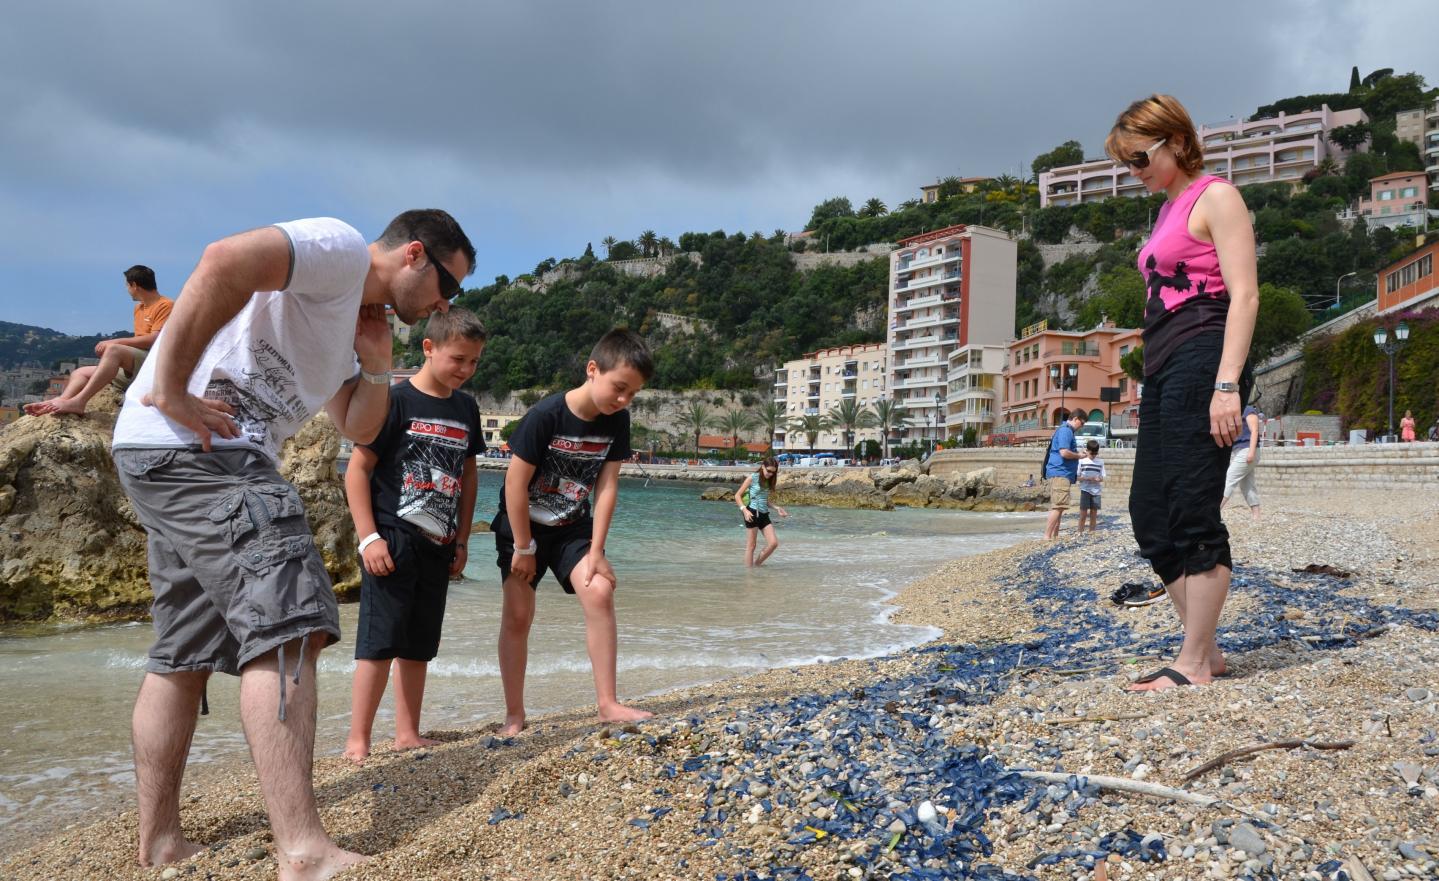 Des vélelles, qui ressemblent à s'y méprendre à des méduses, sont arrivées en masse sur la plage des Marinières, à Villefranche.